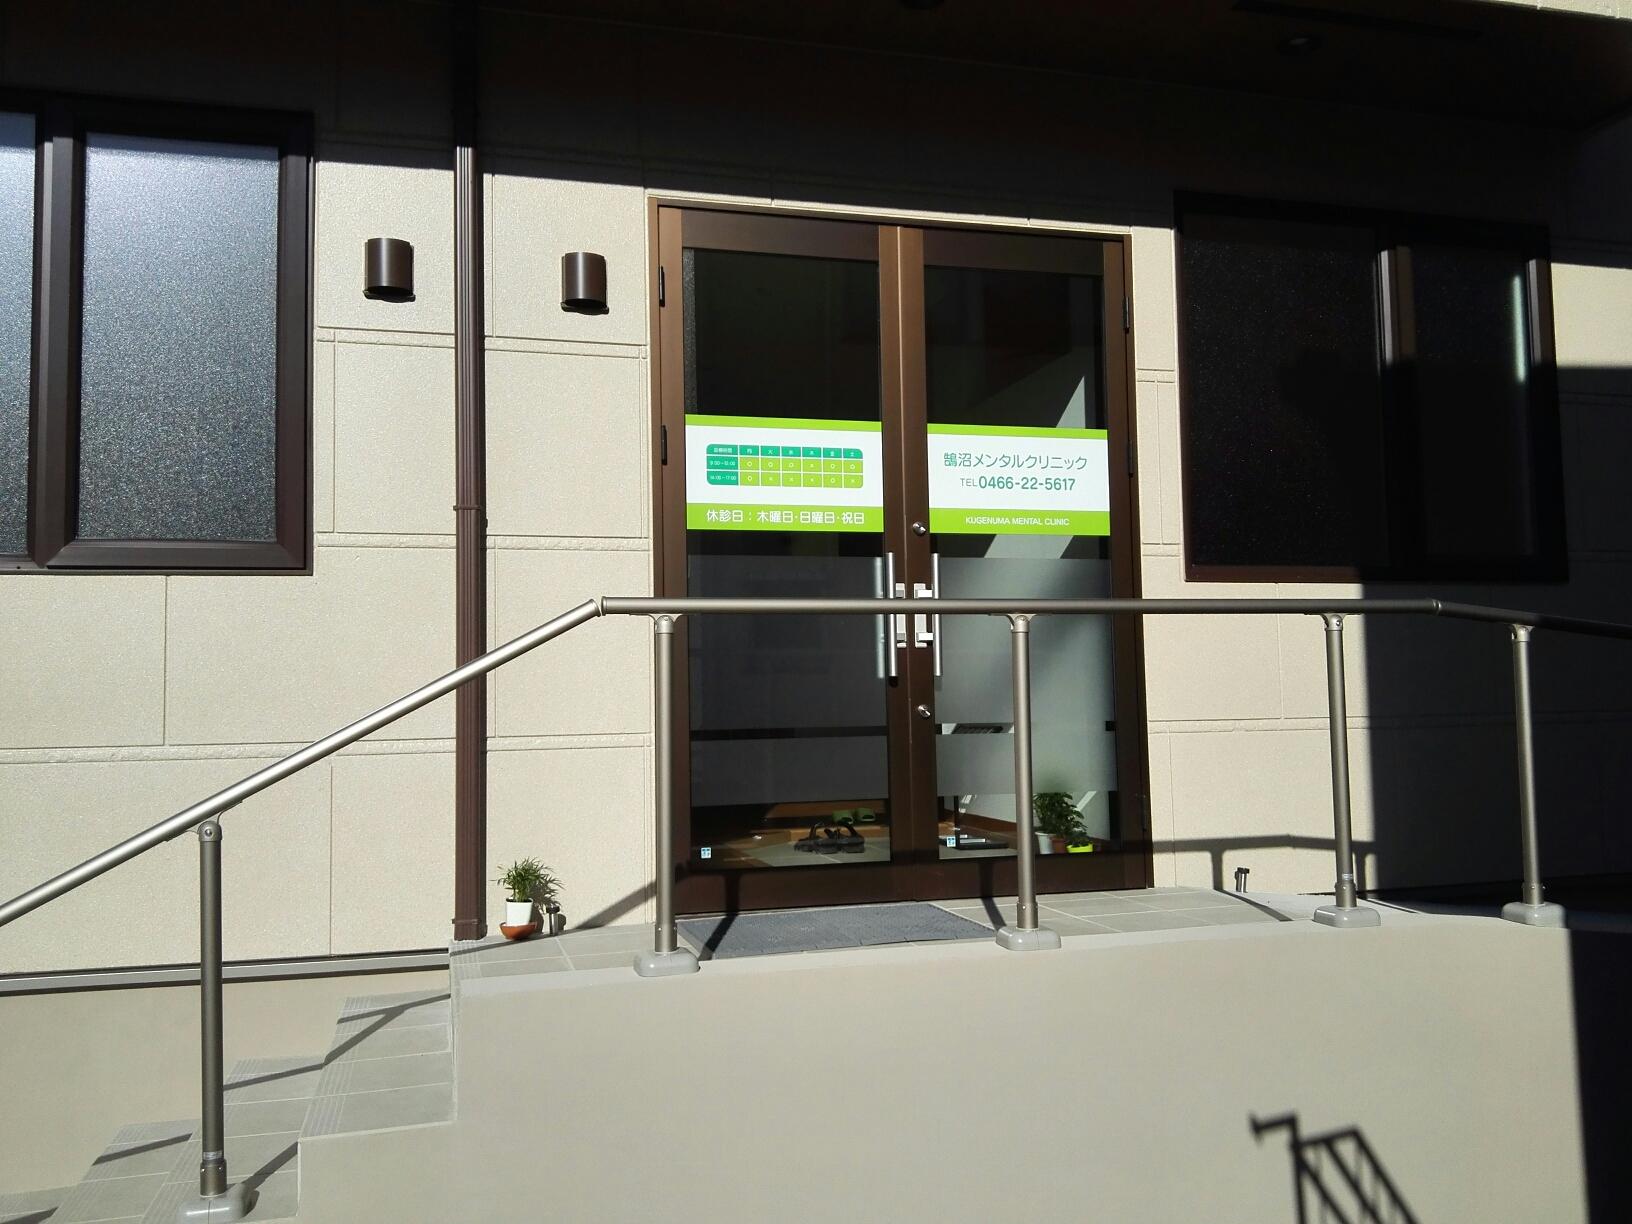 診療所入口です。スロープと階段があります。